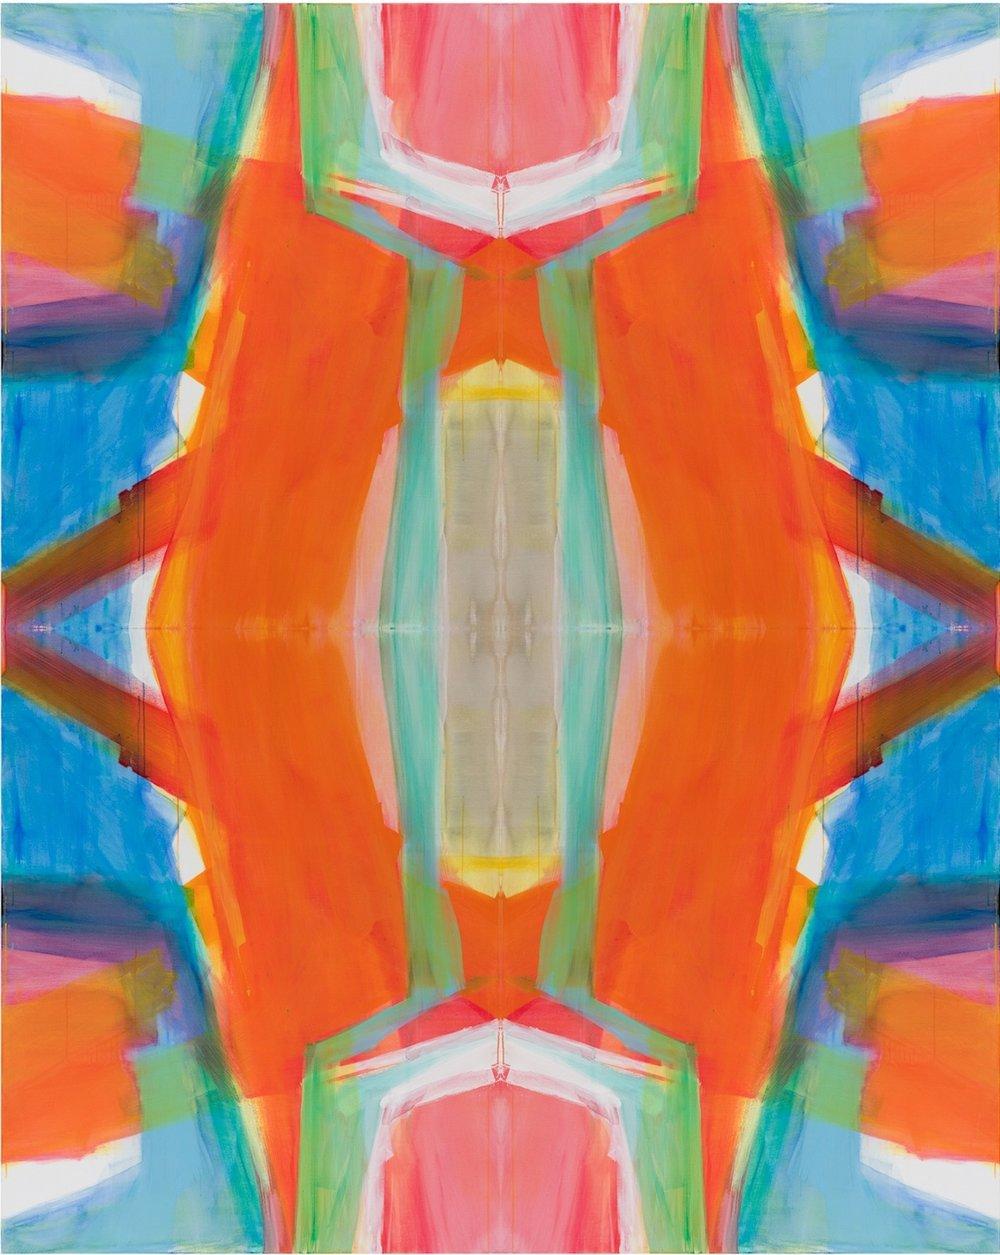 Prism (inhale)